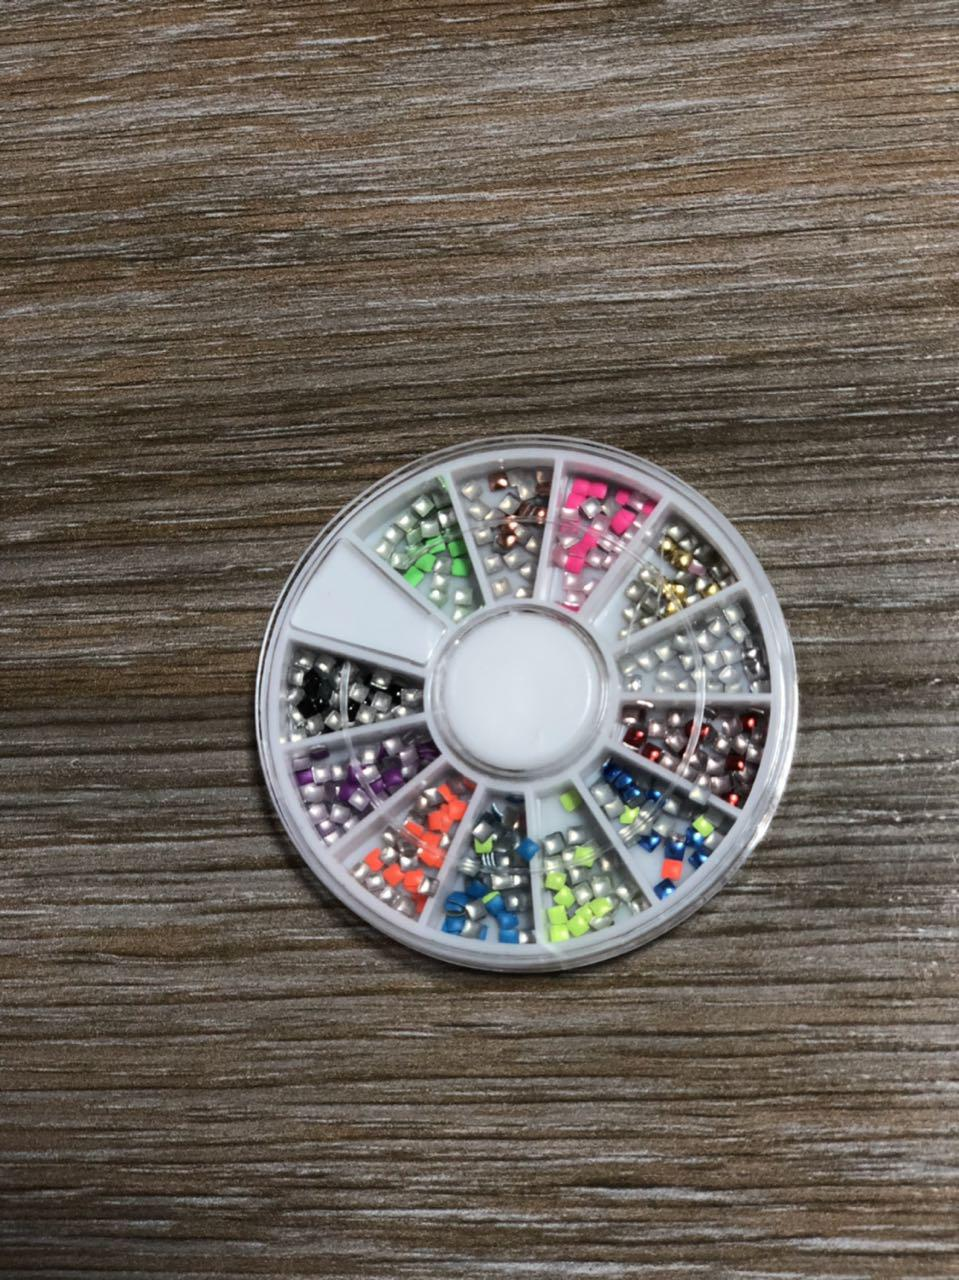 Металичиские украшения разноцветные в карусели